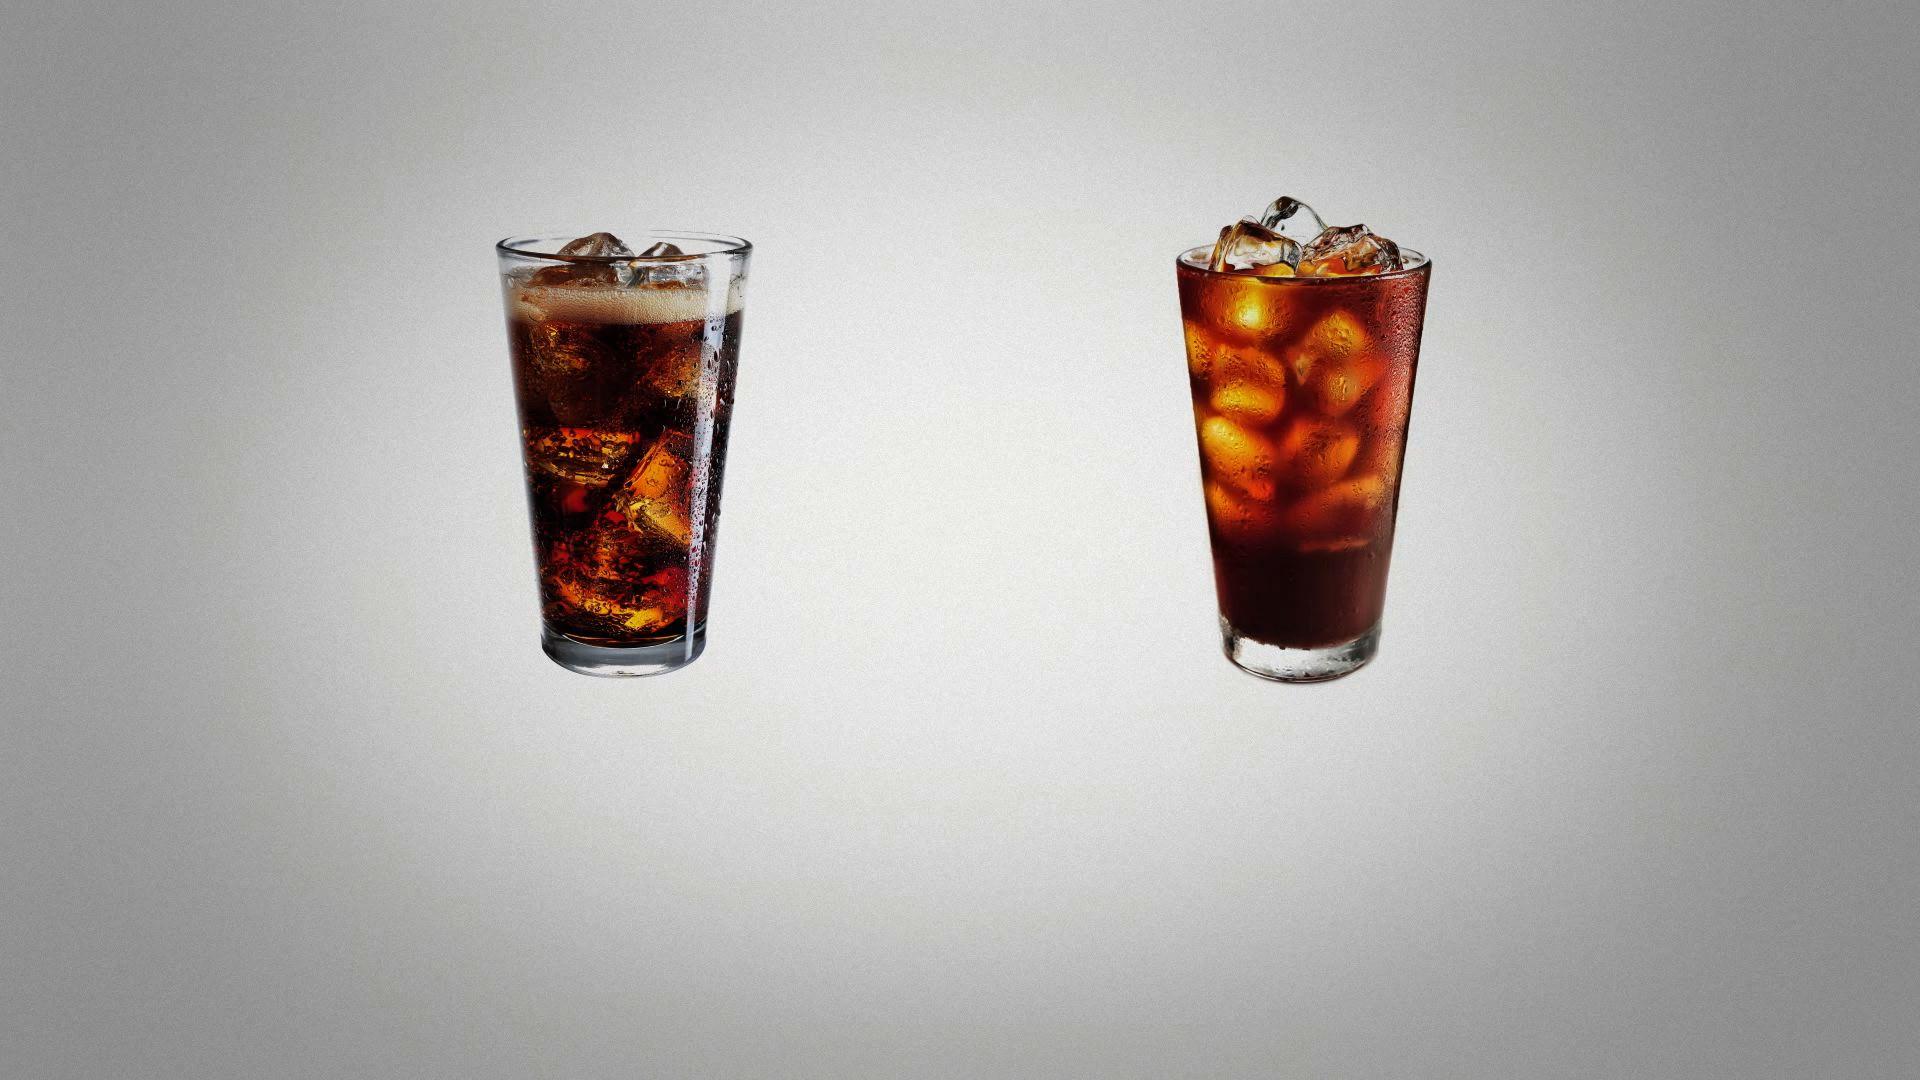 콜라 대신 커피